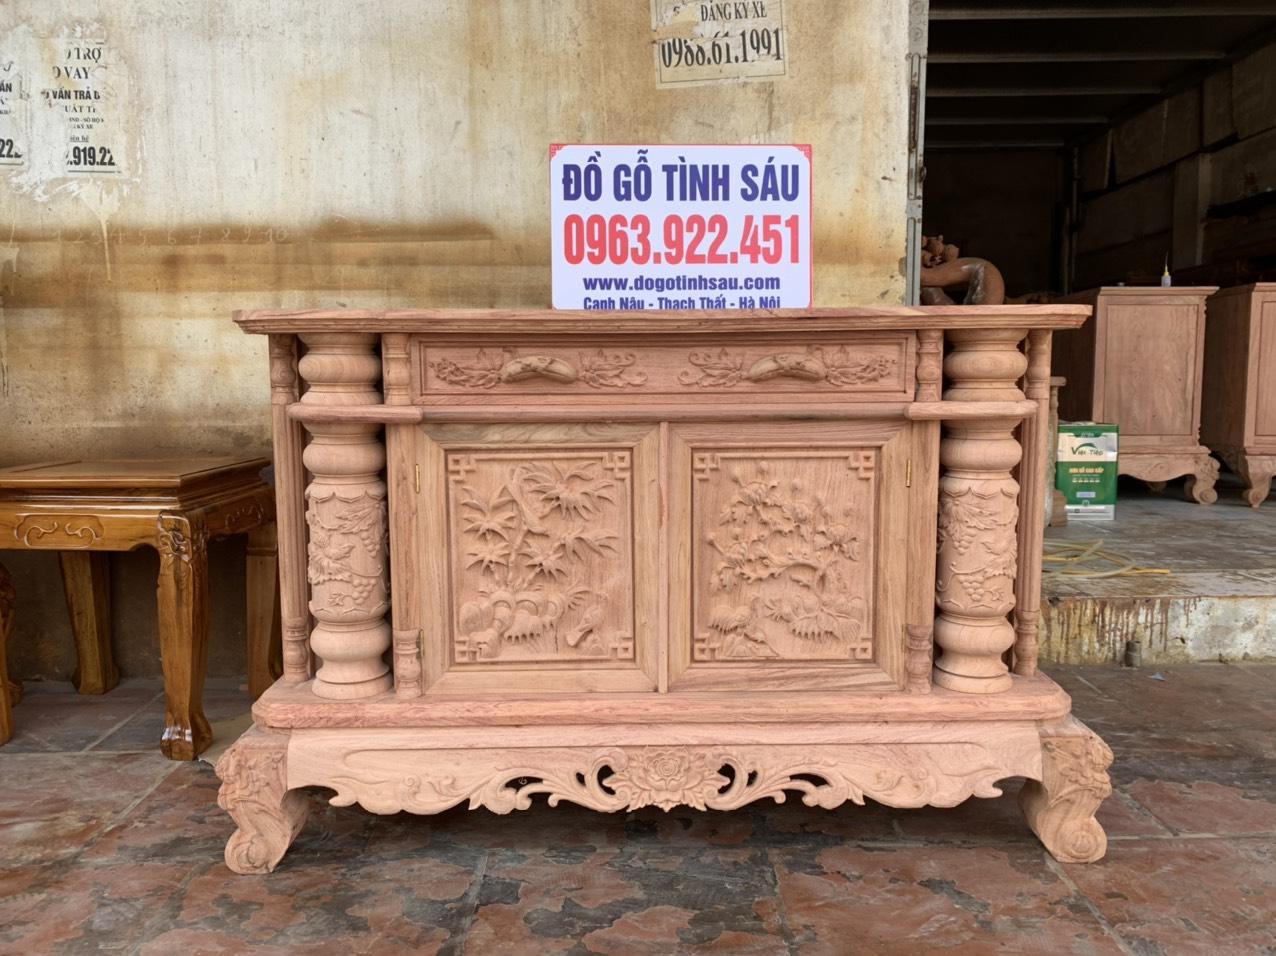 ke tivi 1 cuc go huong da nam phi - Kệ tivi cột nho 1 cục phẳng gỗ hương đá 1m2 (hàng dày)